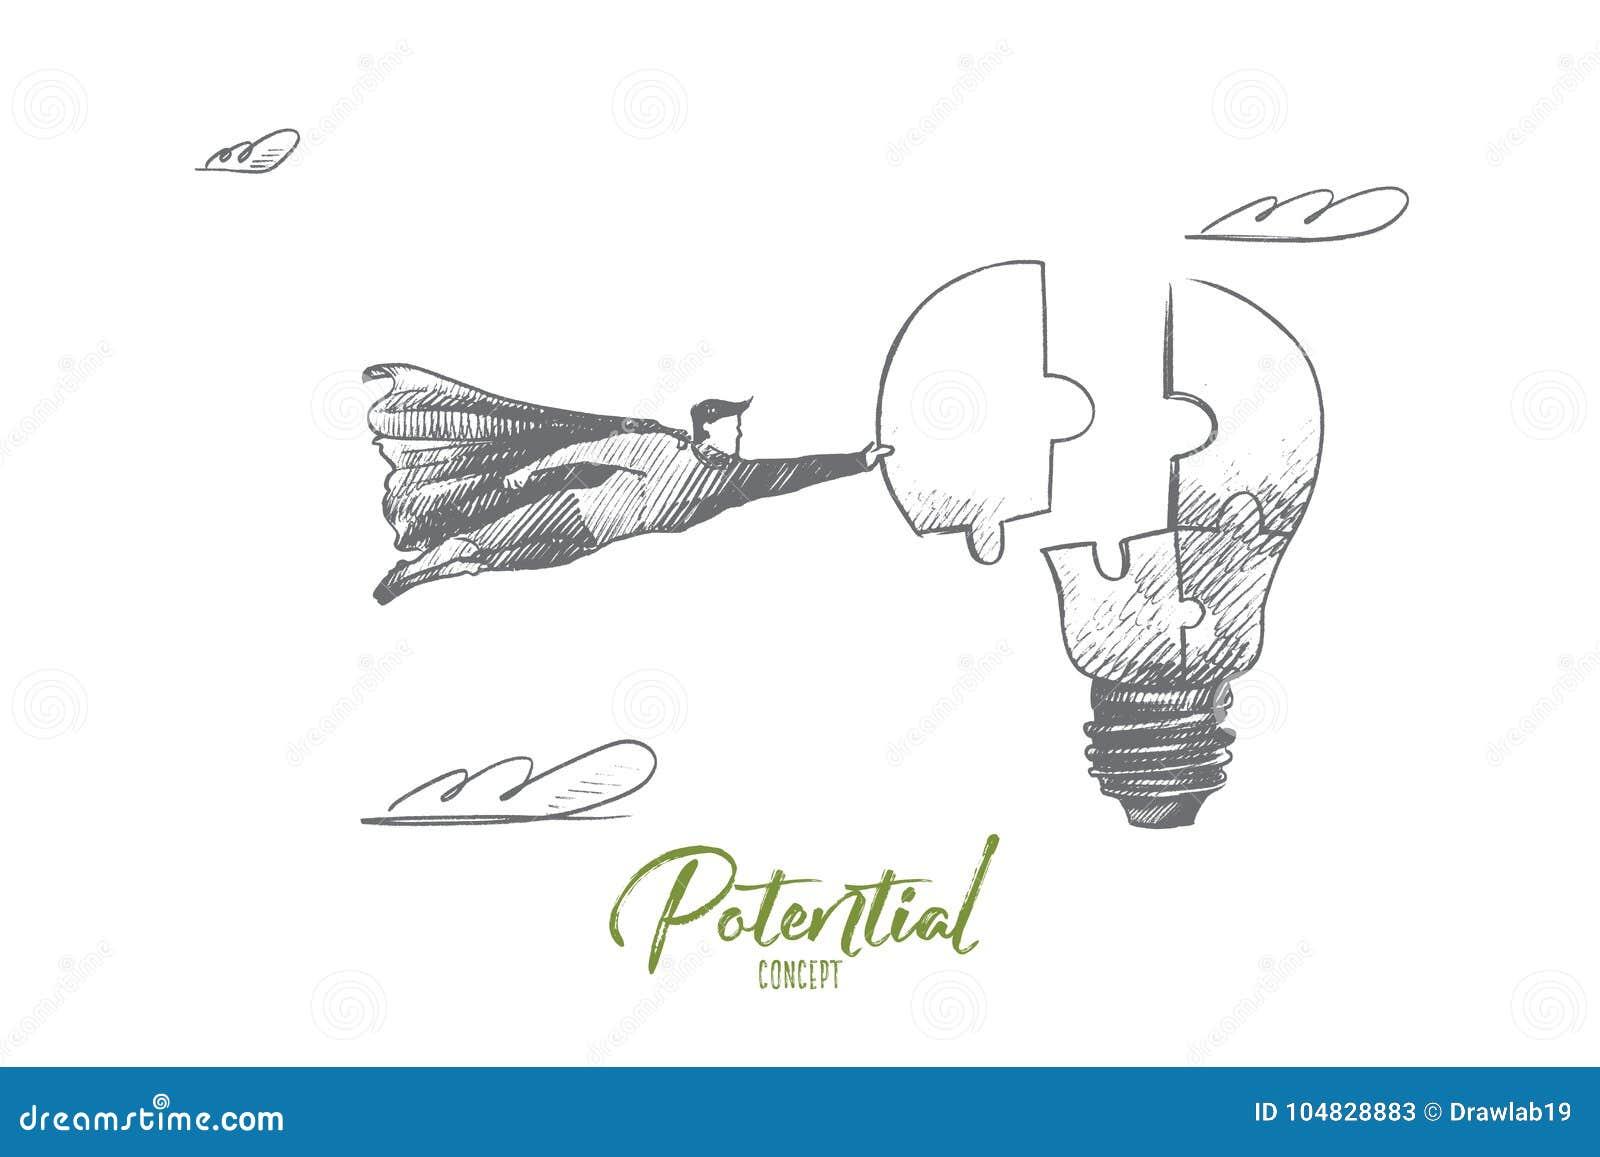 Concepto de Potencial Vector aislado dibujado mano